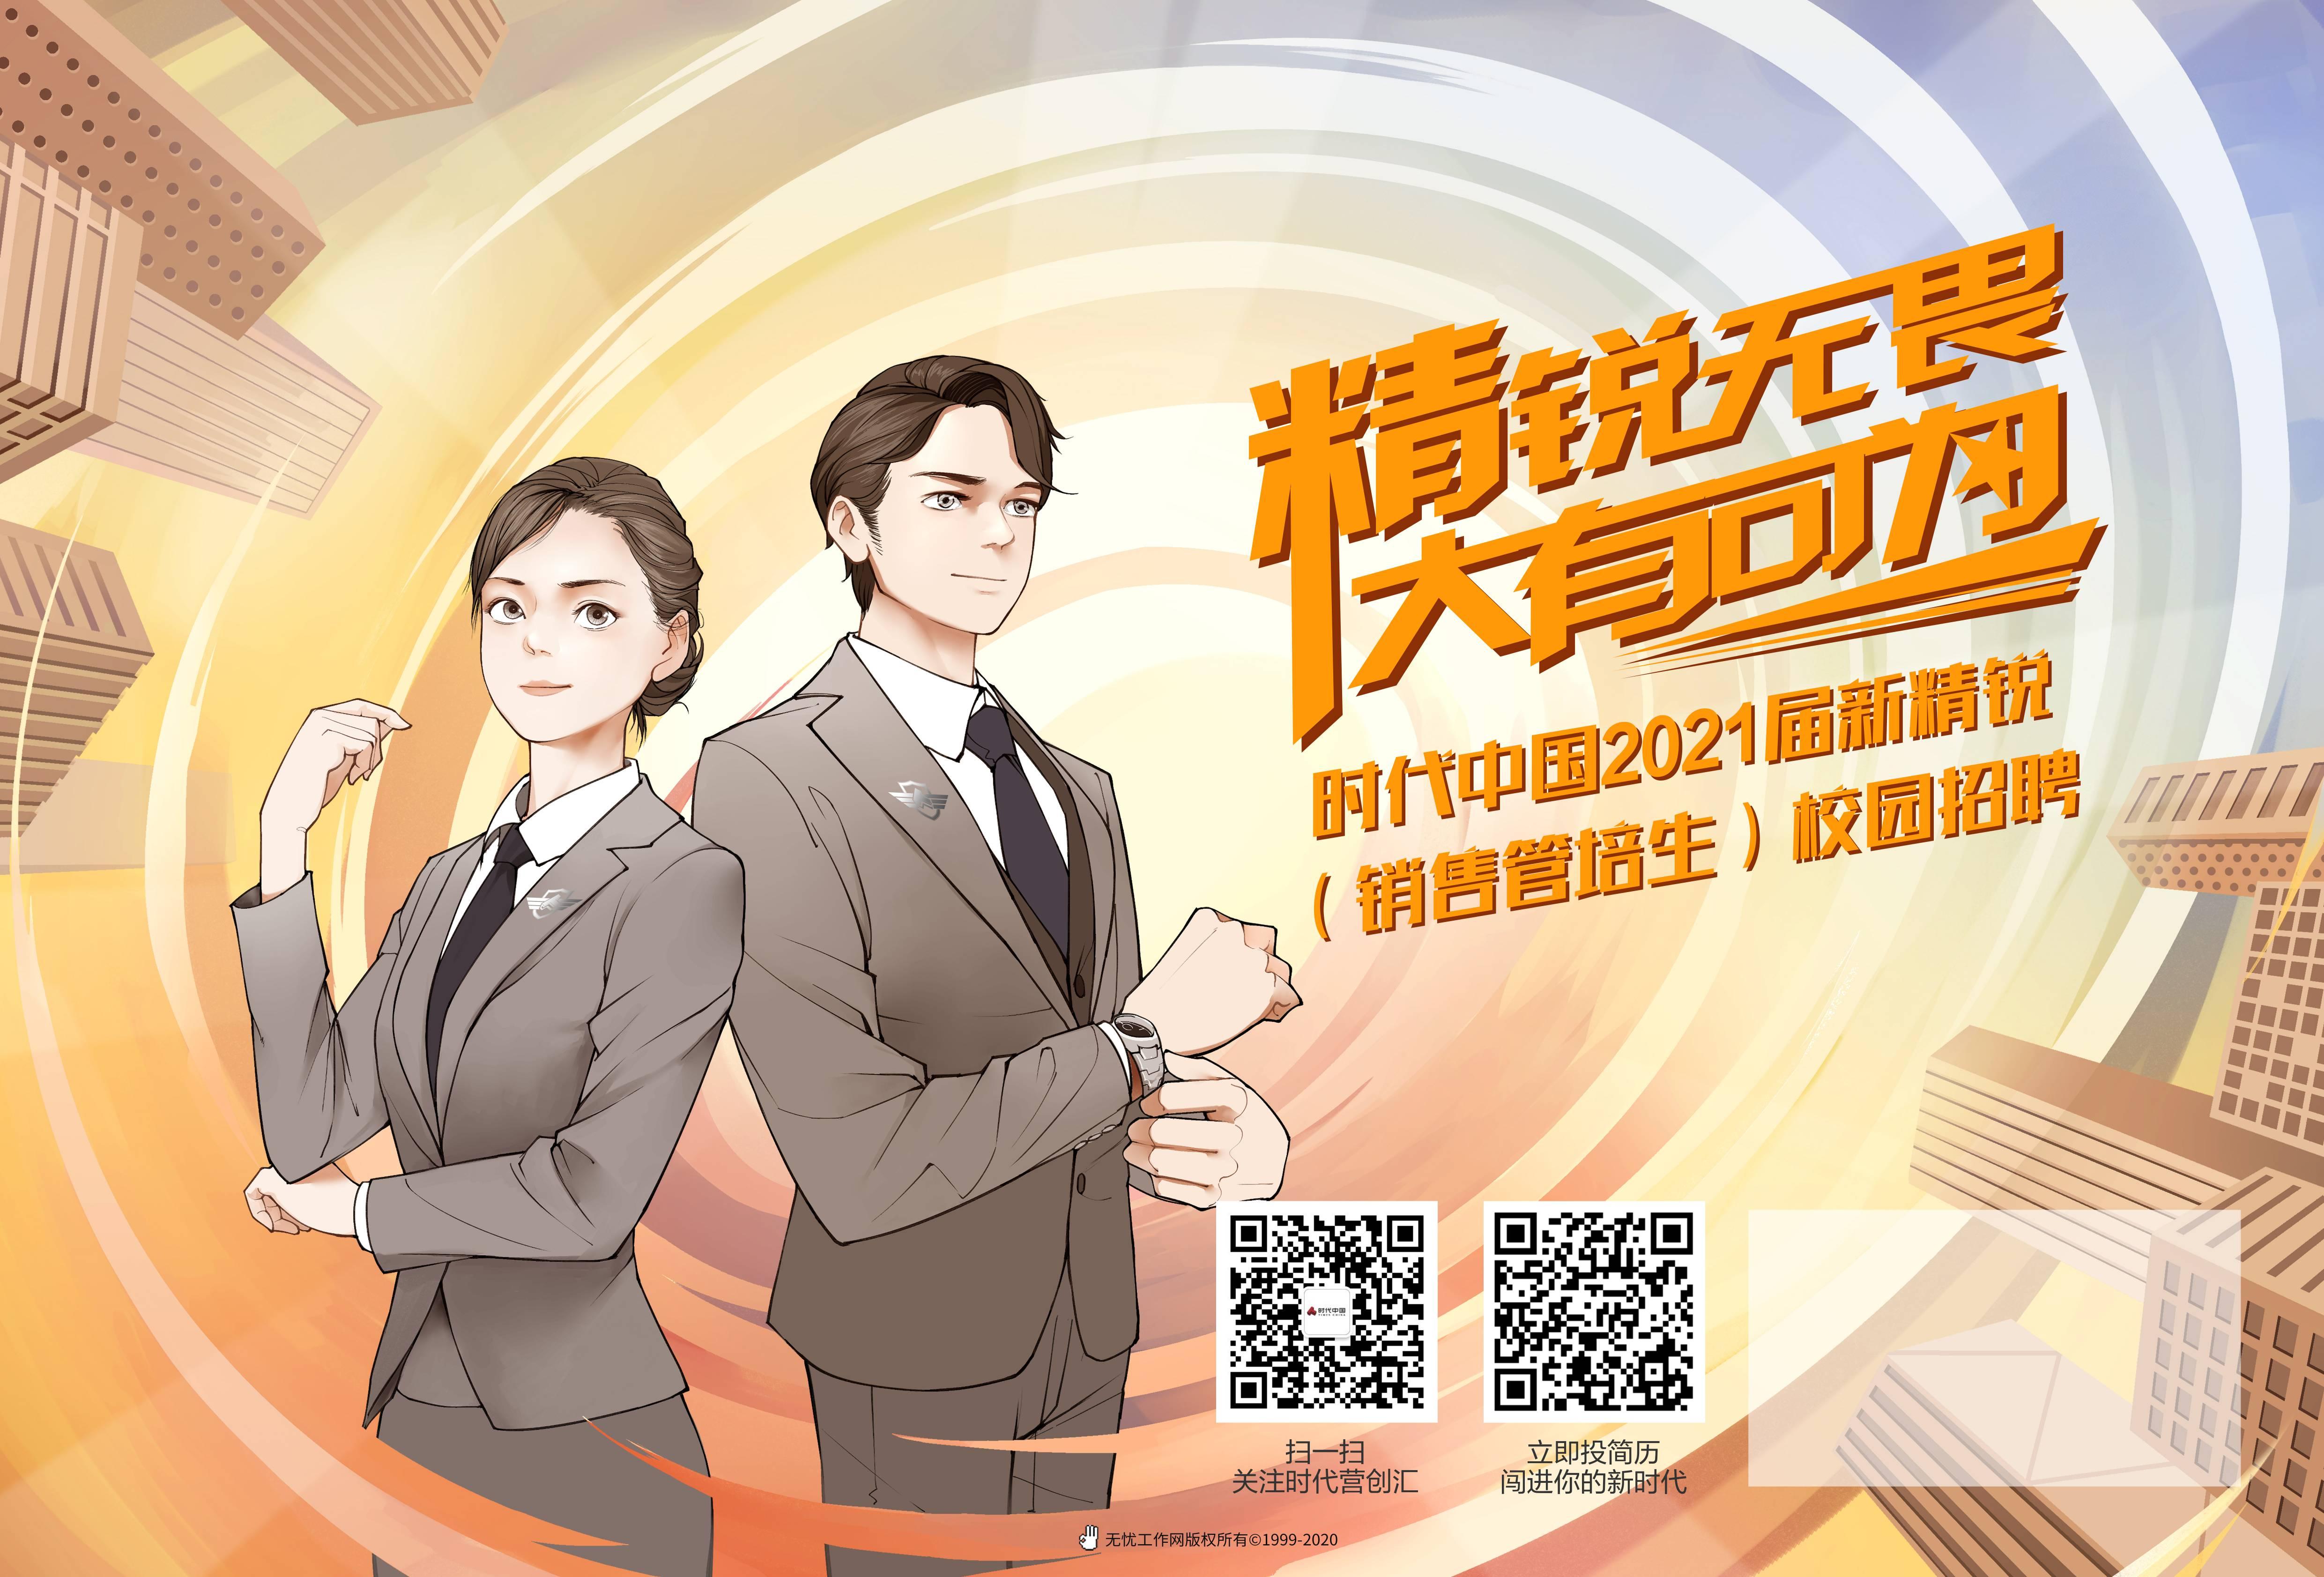 时代中国珠海公司新精锐校招宣讲会